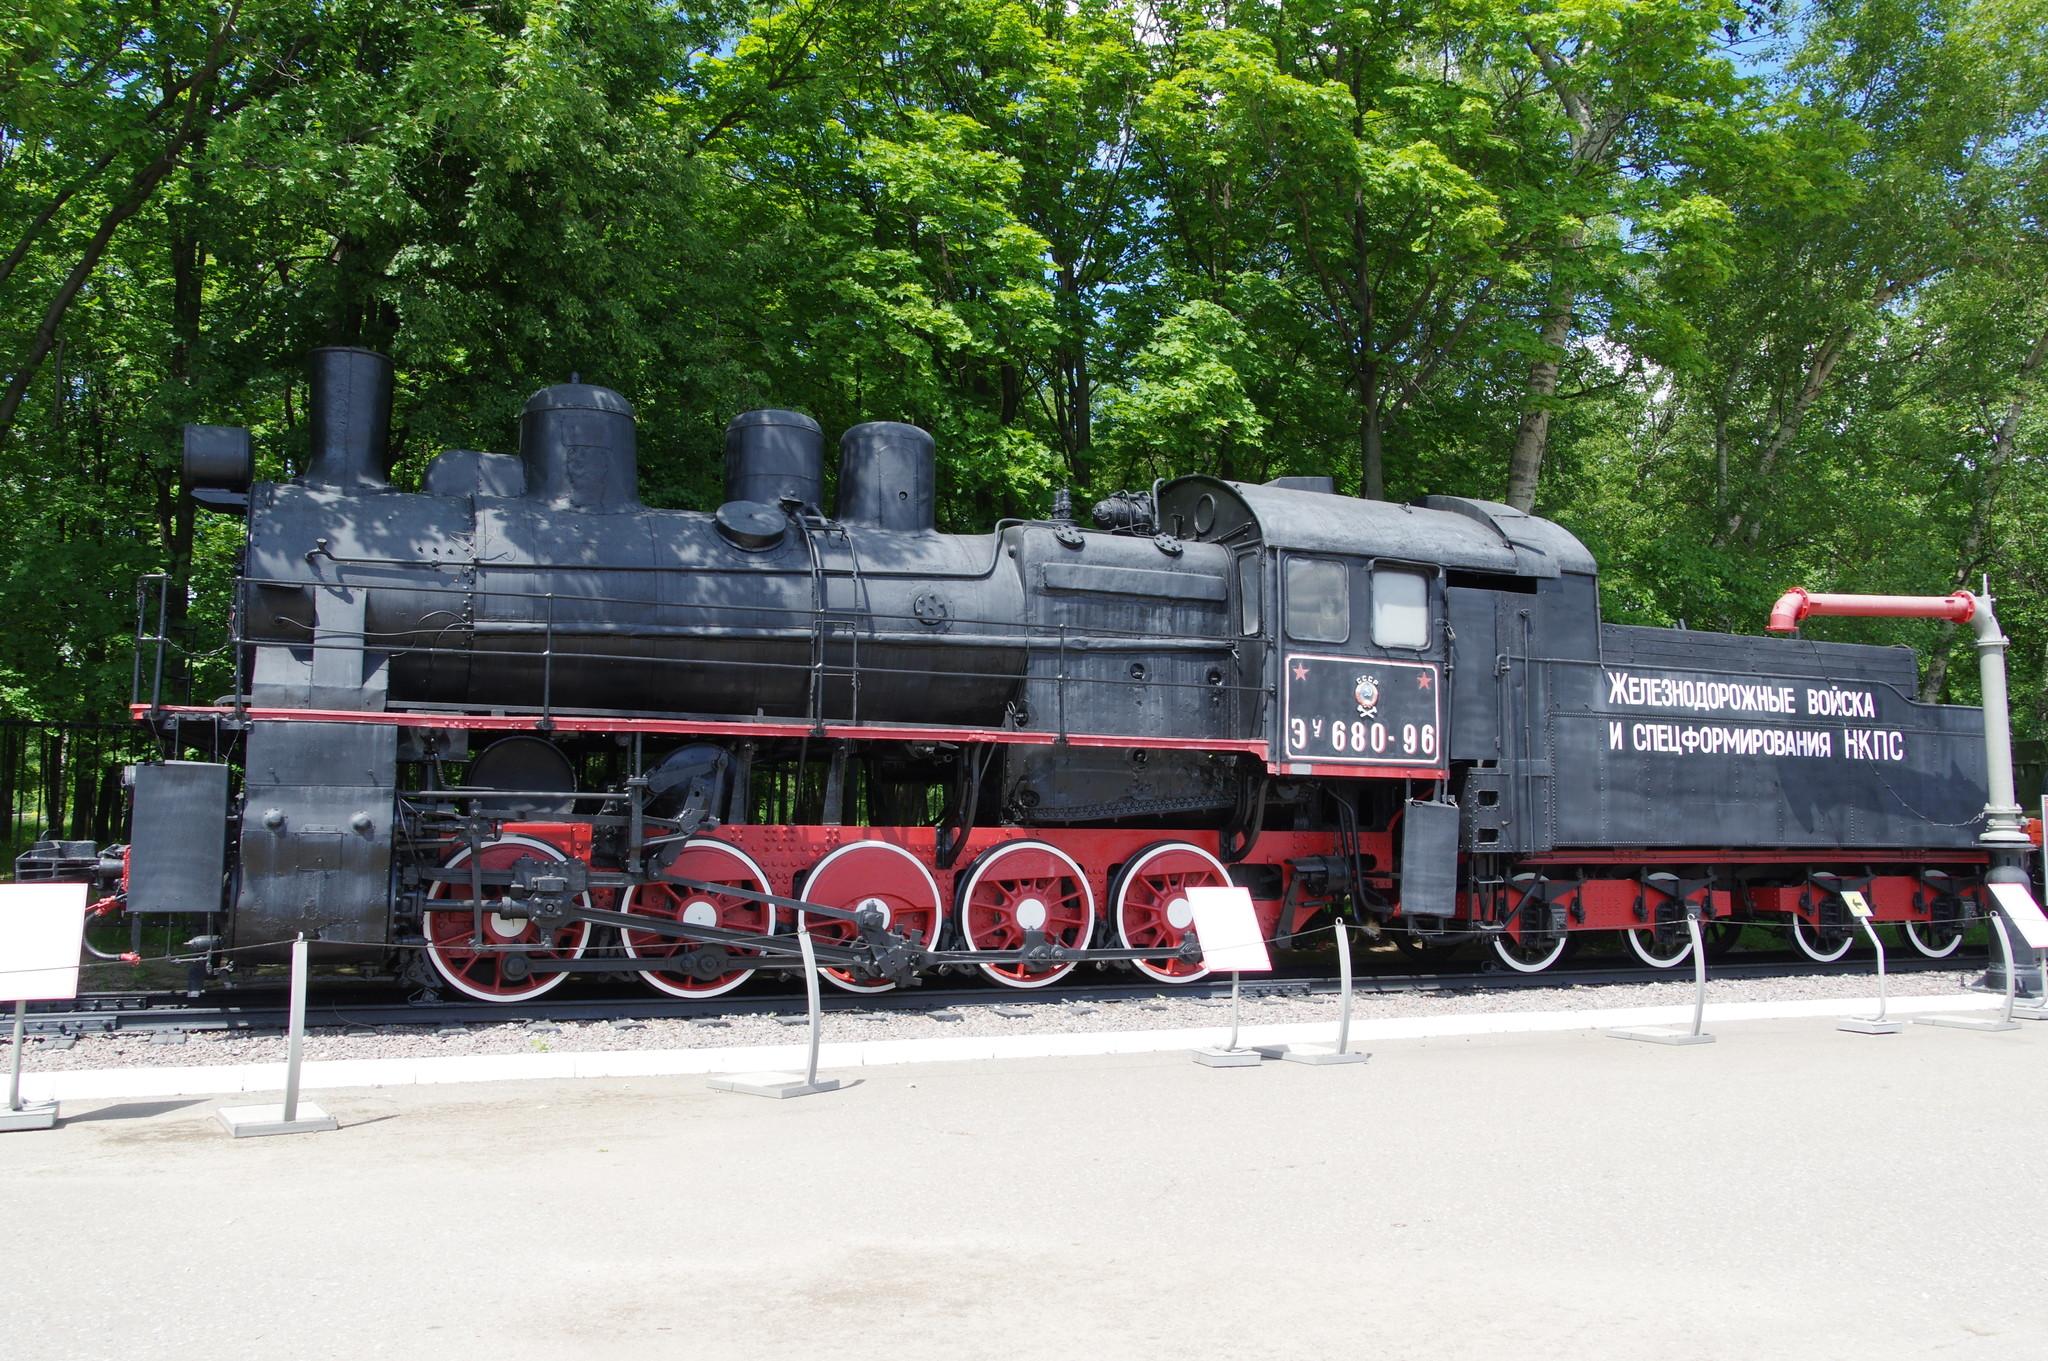 Паровоз серии ЭУ № 680-96